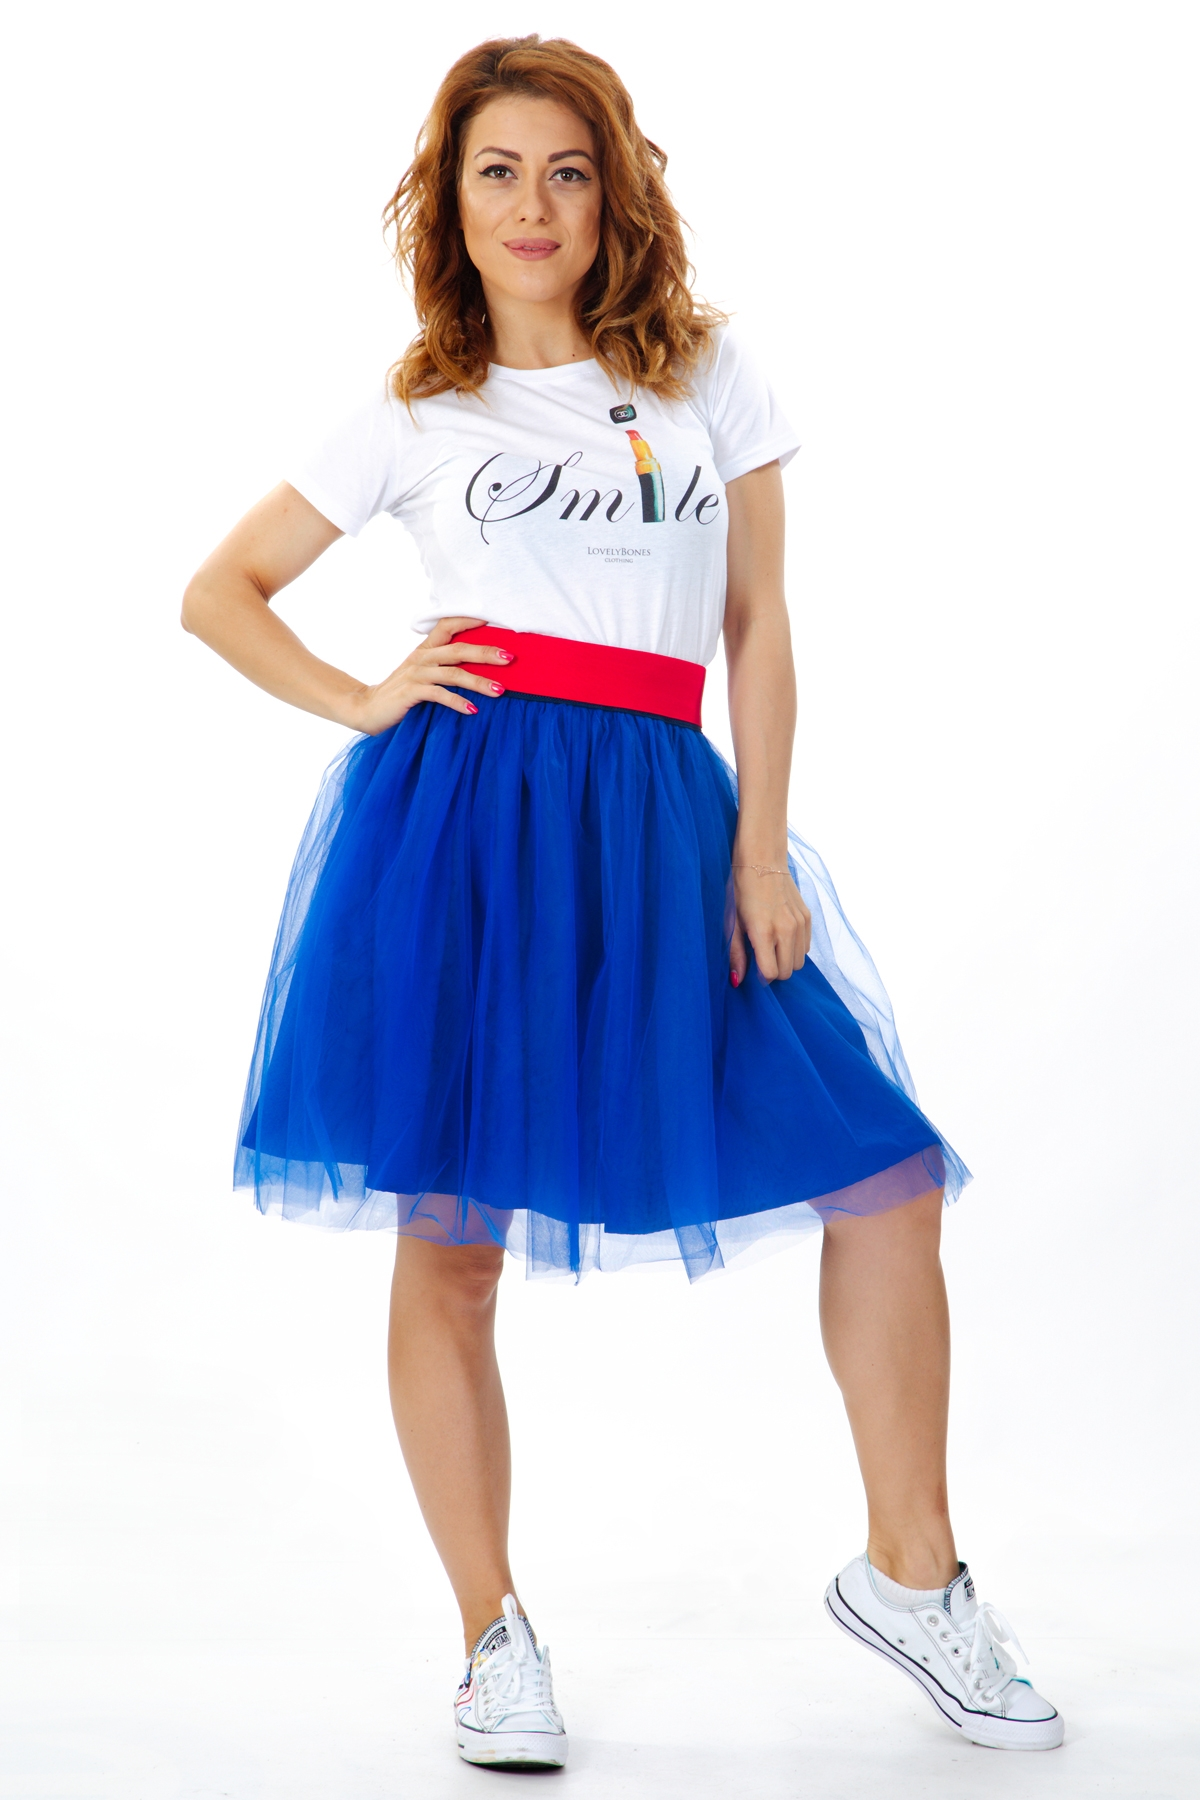 Дамска пола от син тюл с червен ластик на талията / ShuShi